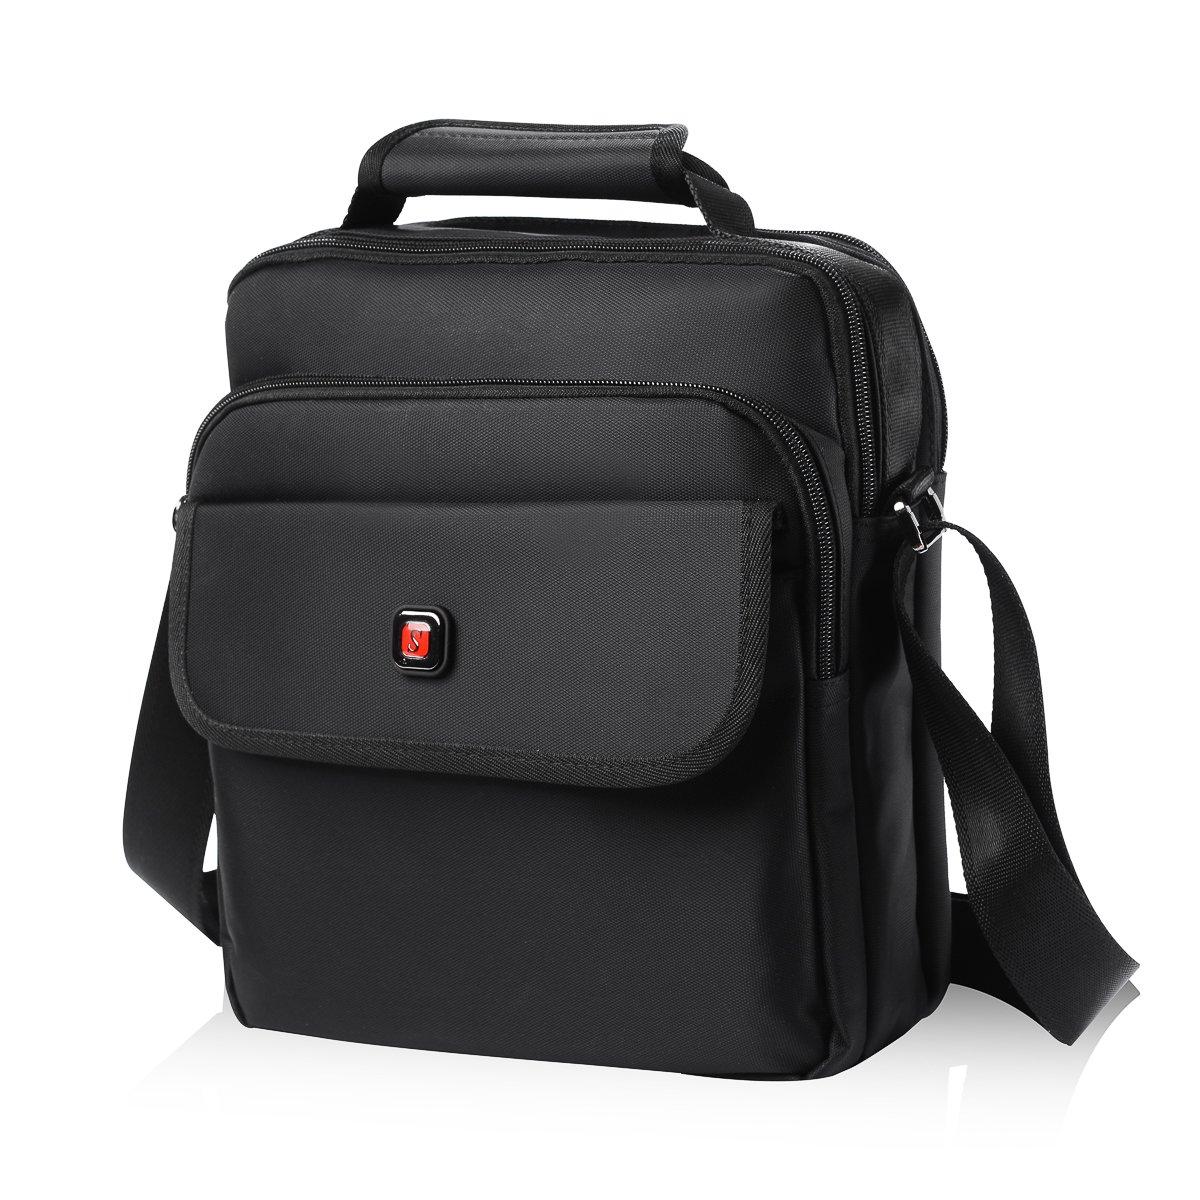 Soperwillton Vertical Shoulder Messenger Bag for iPad, Tablet and Laptop Upto 14''